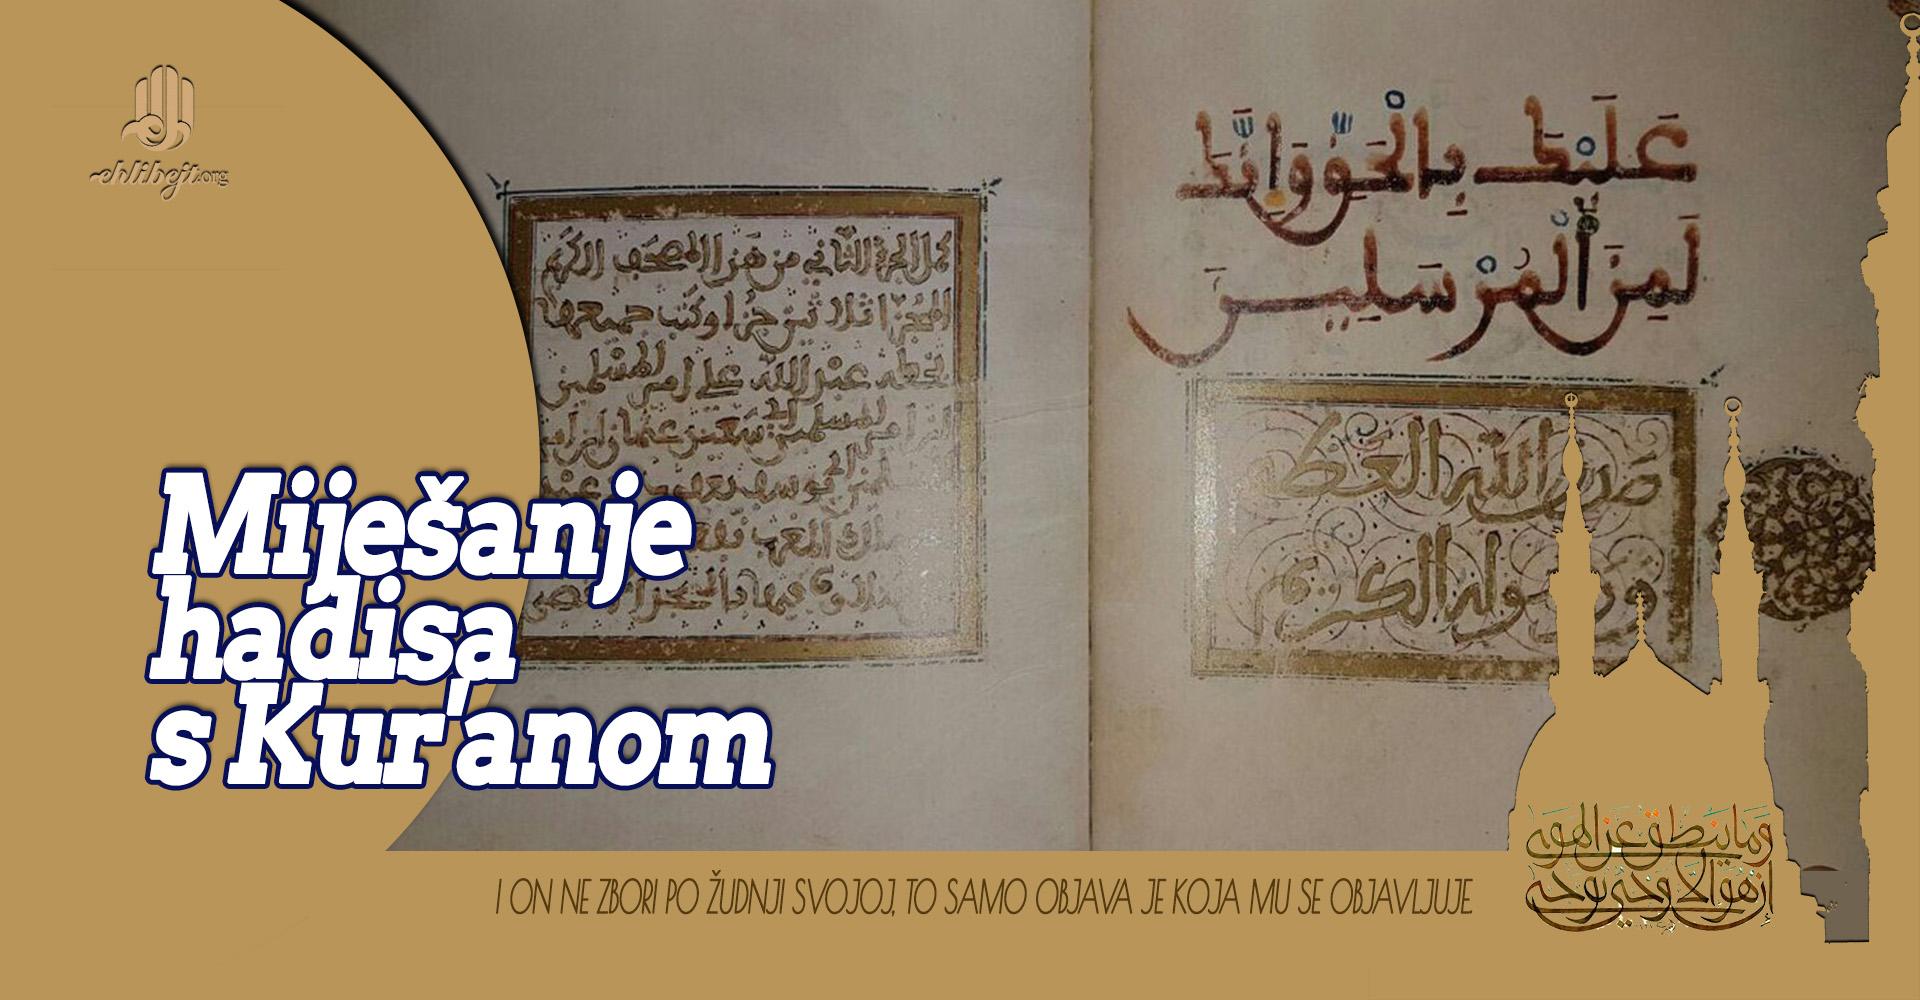 Miješanje hadisa s Kur'anom - izgovor za nepisanja sunneta